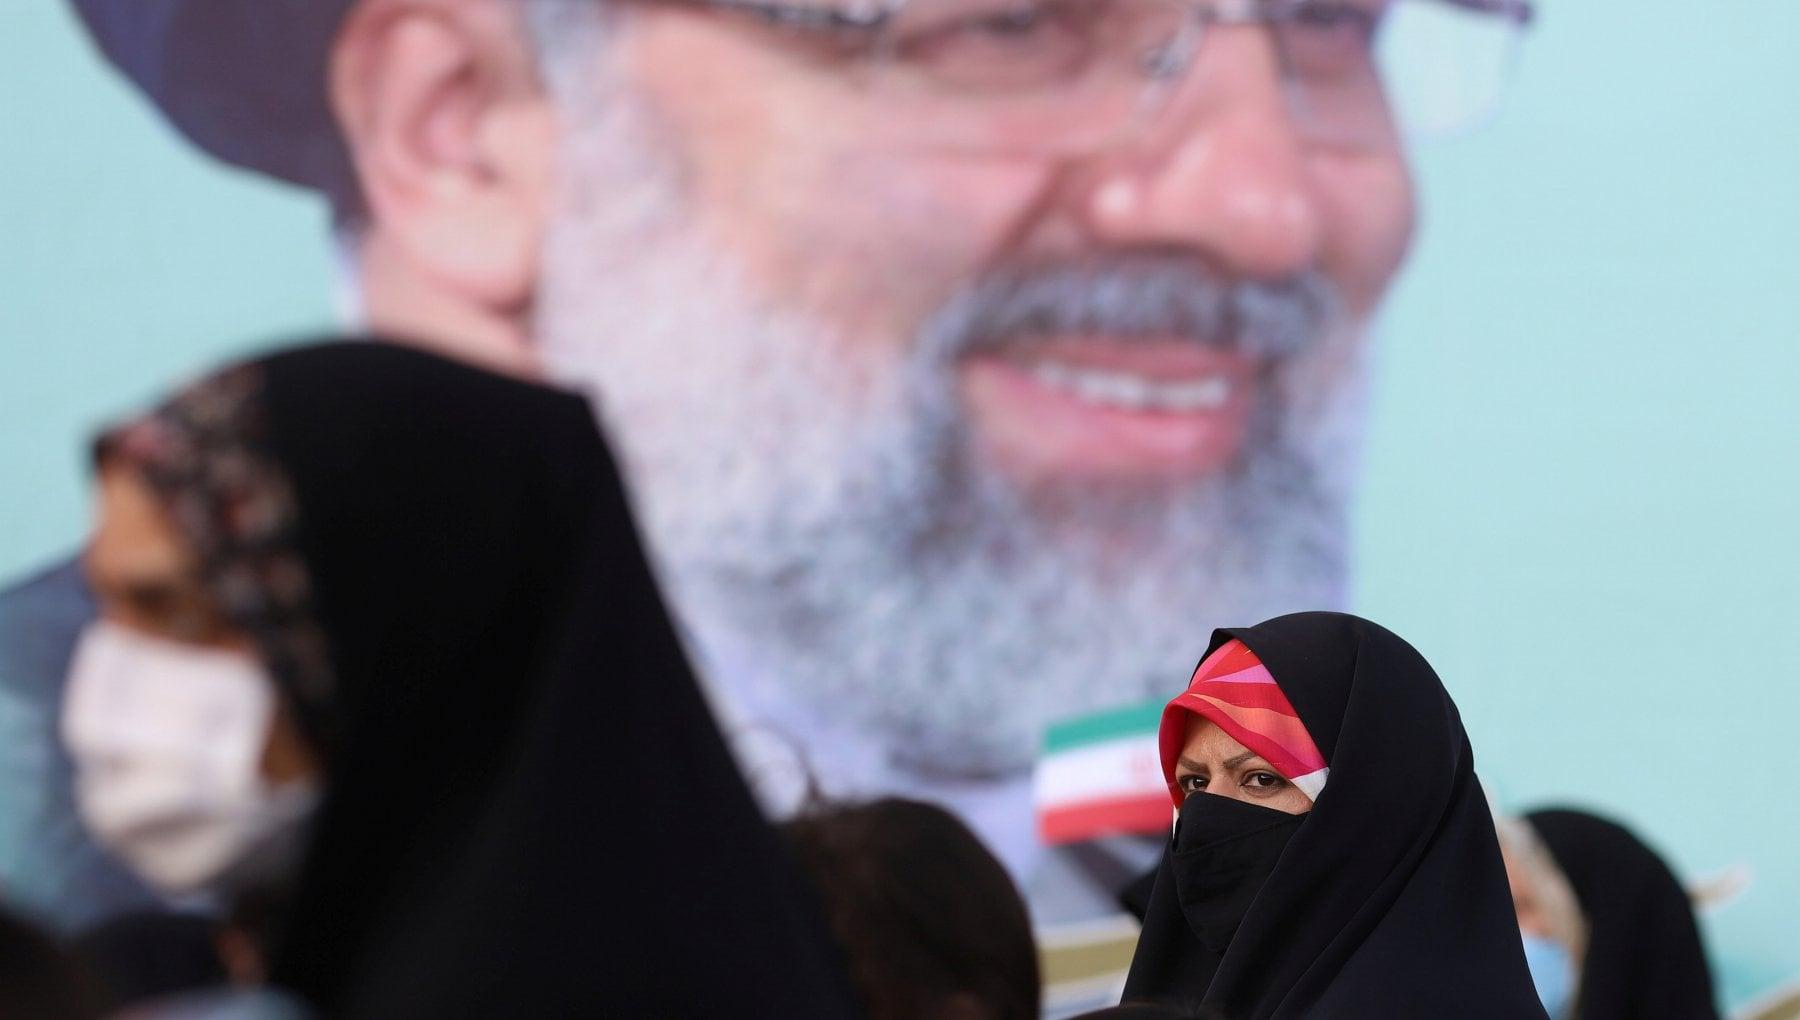 """210205130 aef19ccb e533 428d 9e7e 5eba0fec2819 - Vali Nasr: """"Ora l'Iran guarderà sempre di più a Russia e Cina"""""""